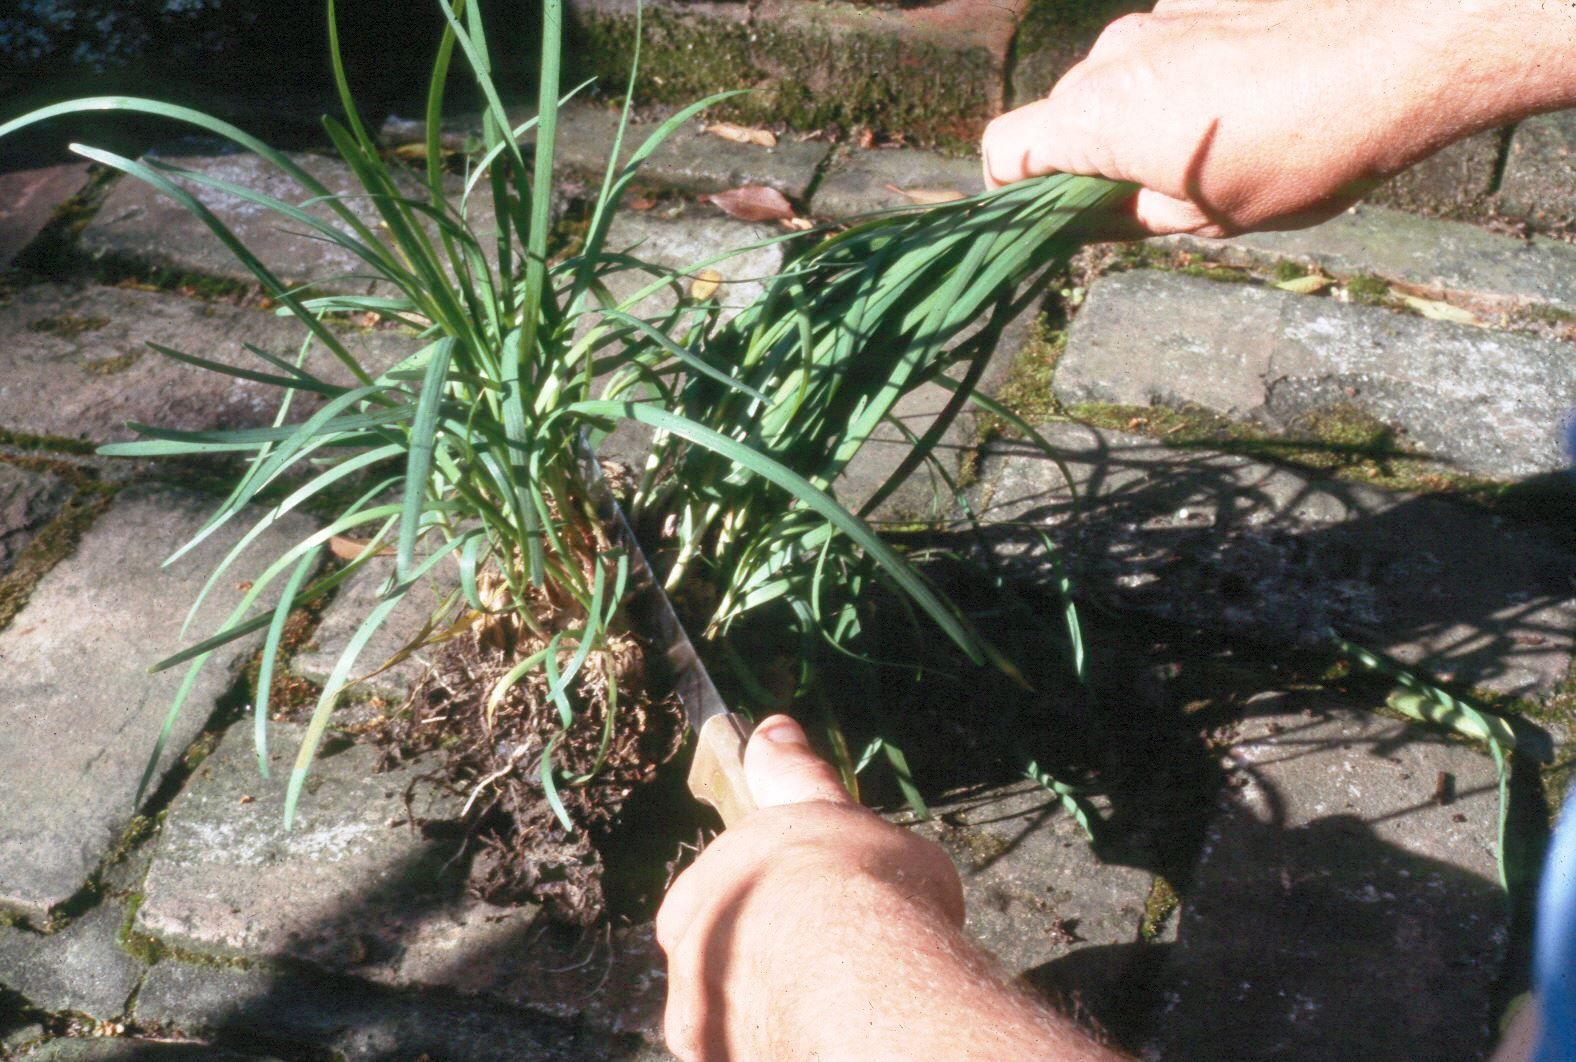 Otoño e invierno Cuidado de las plantas perennes | Egan Gardens